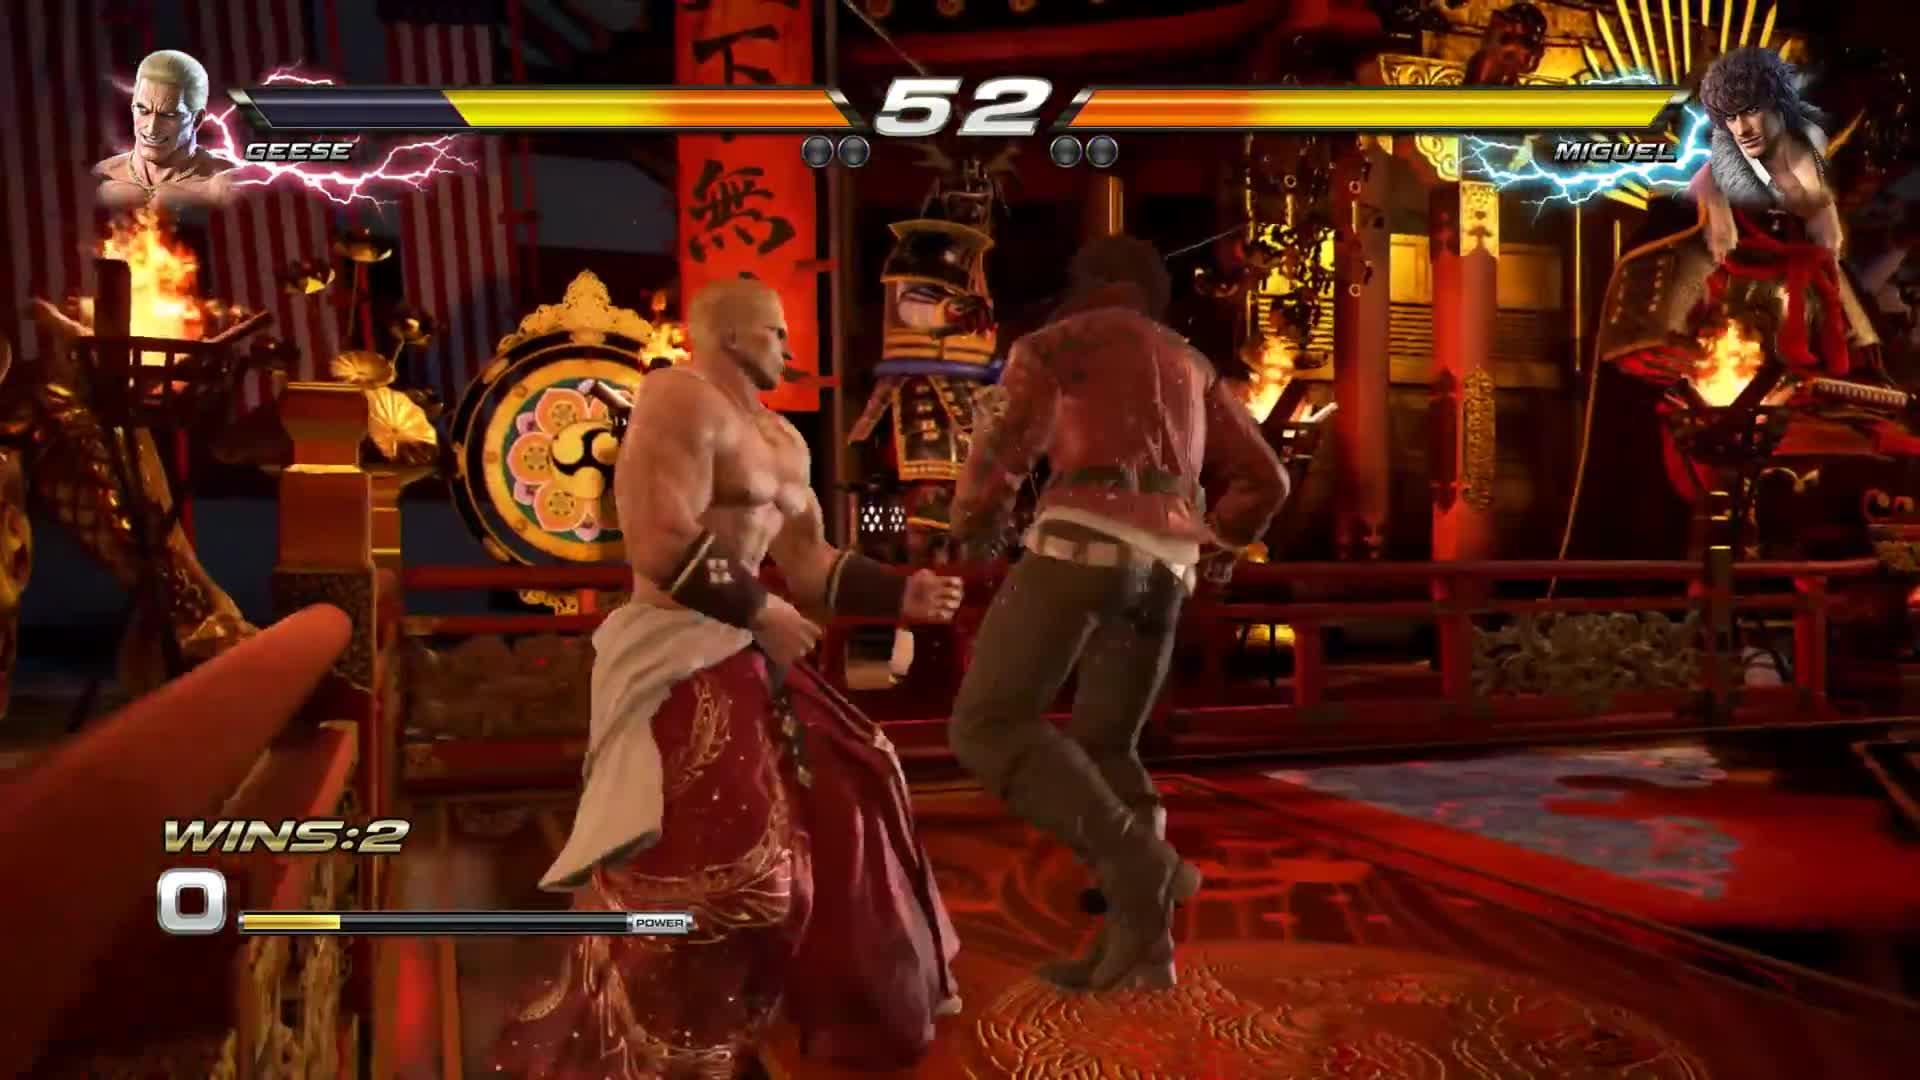 Tekken 7 Early Geese Howard Gameplay Gif By Veloc1raptor Gfycat